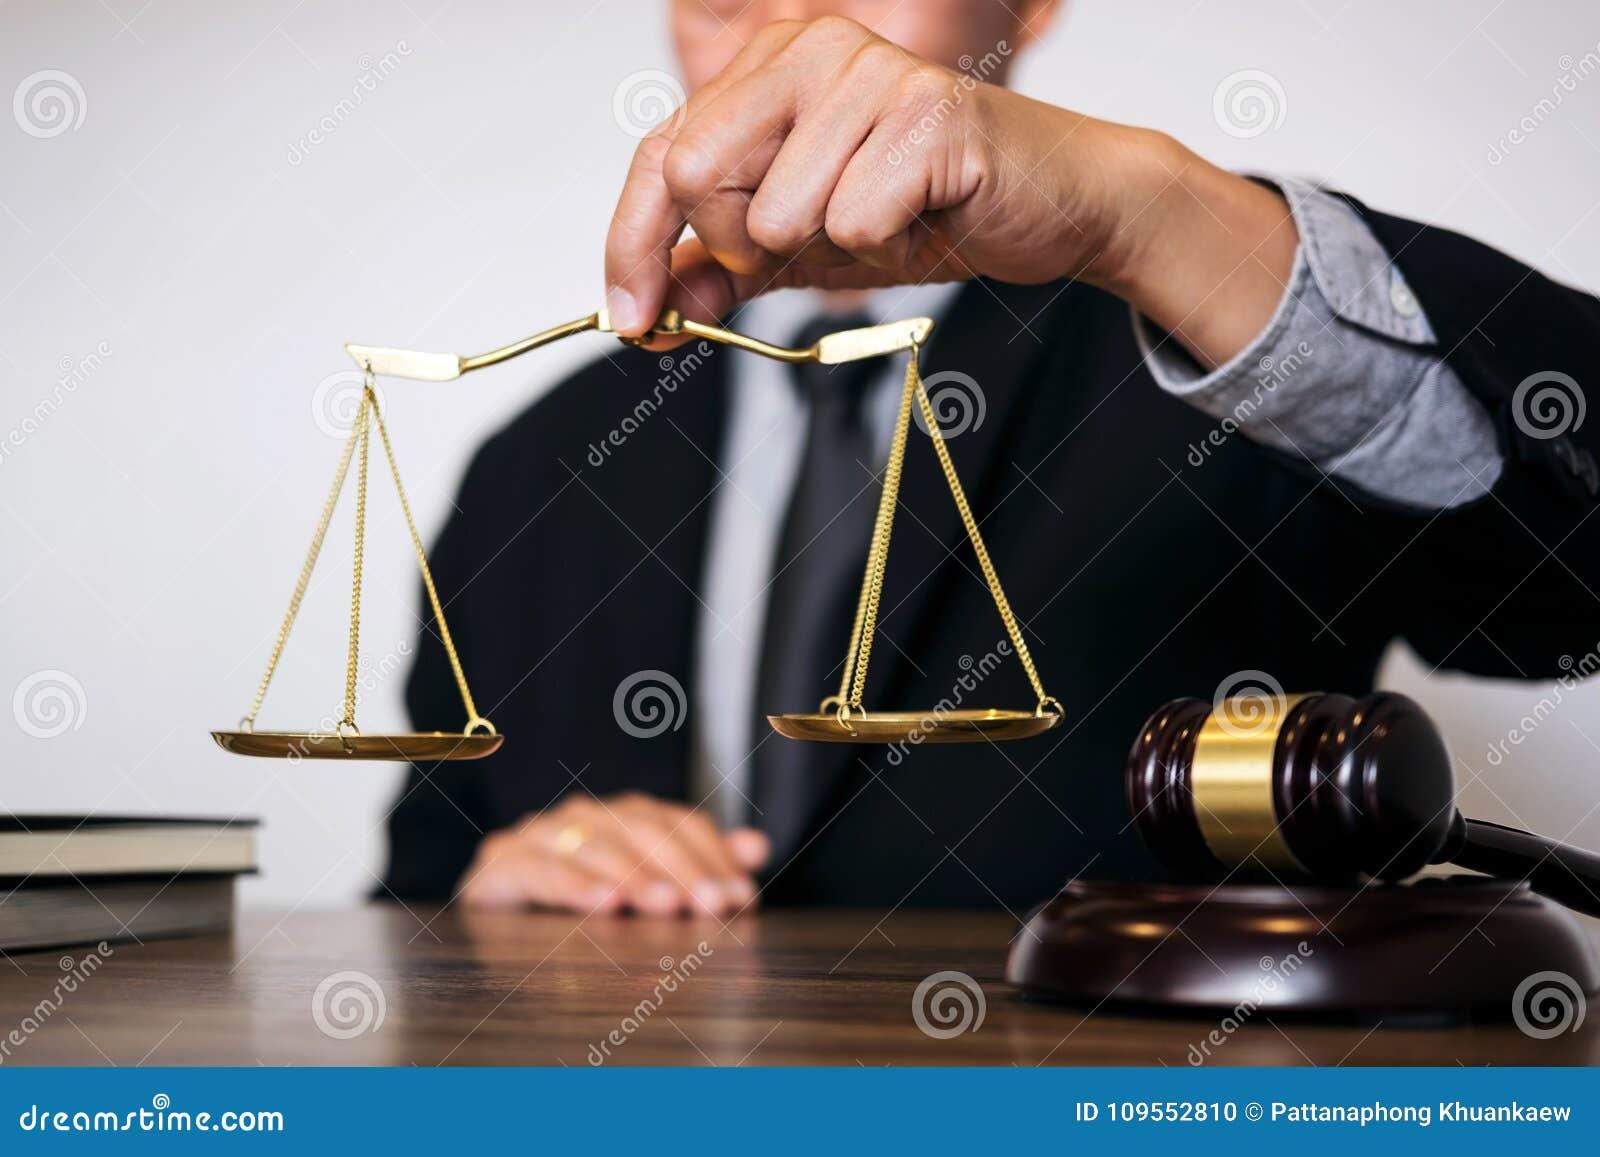 Juzgue el mazo con los abogados de la justicia, el hombre de negocios en traje o al abogado